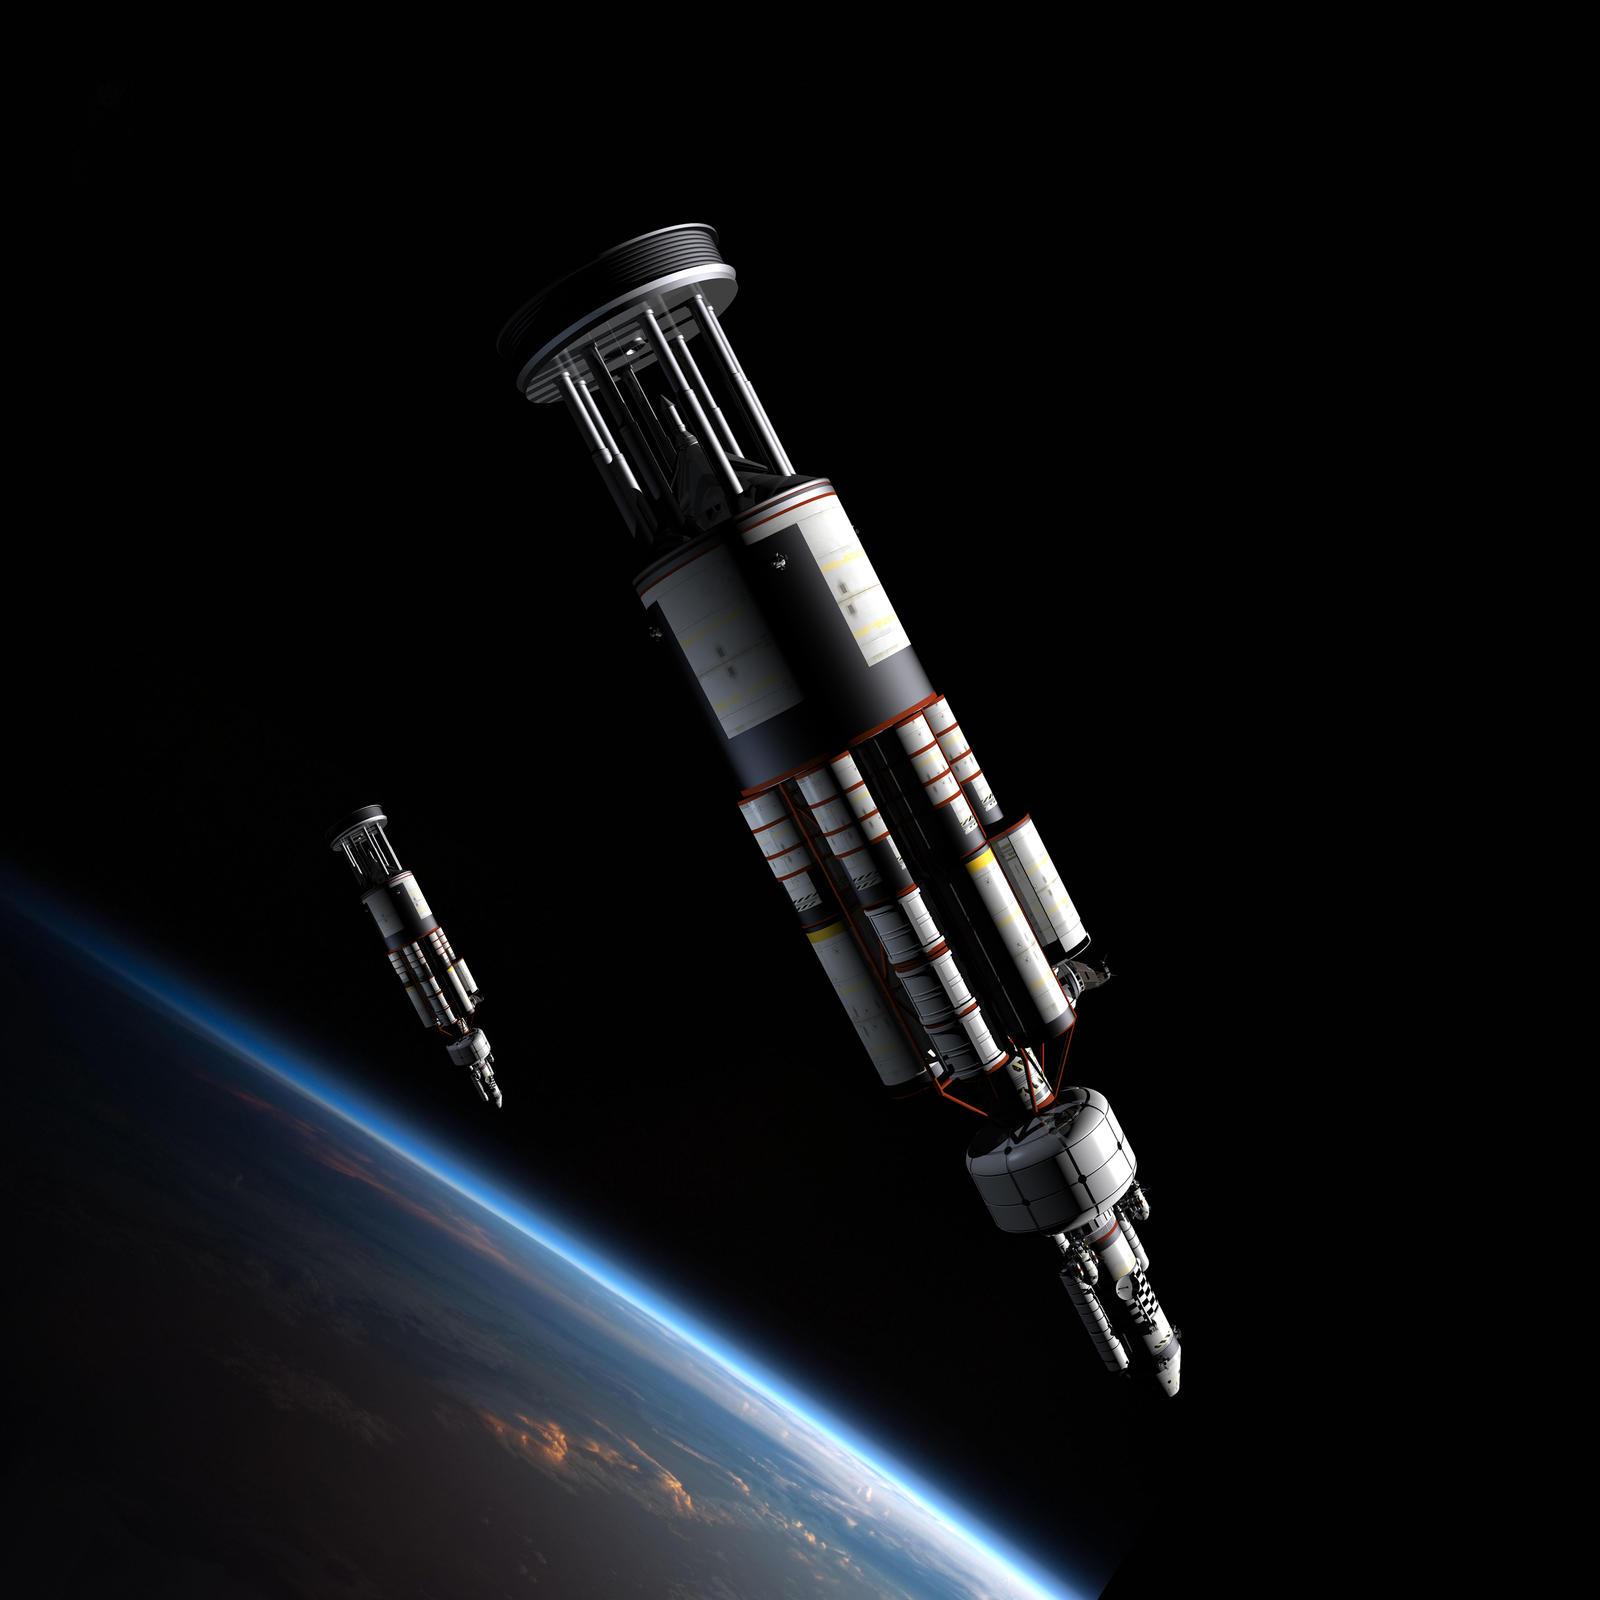 On Orbit by William-Black on DeviantArt